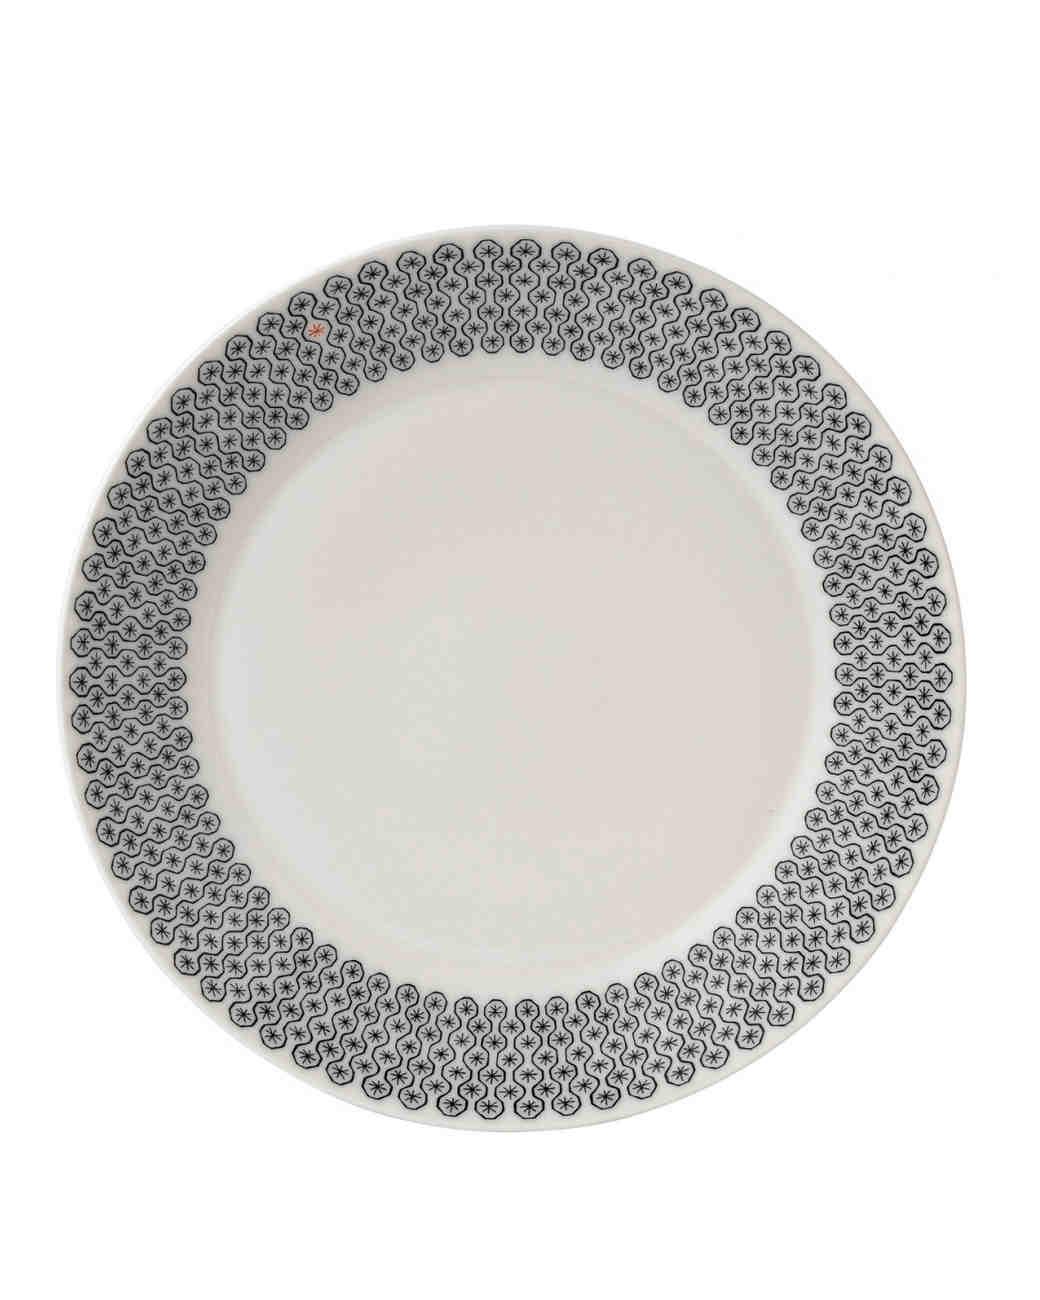 china-registry-preppy-charlene-mullen-royal-doulton-foulard-star-dinner-plate-1014.jpg